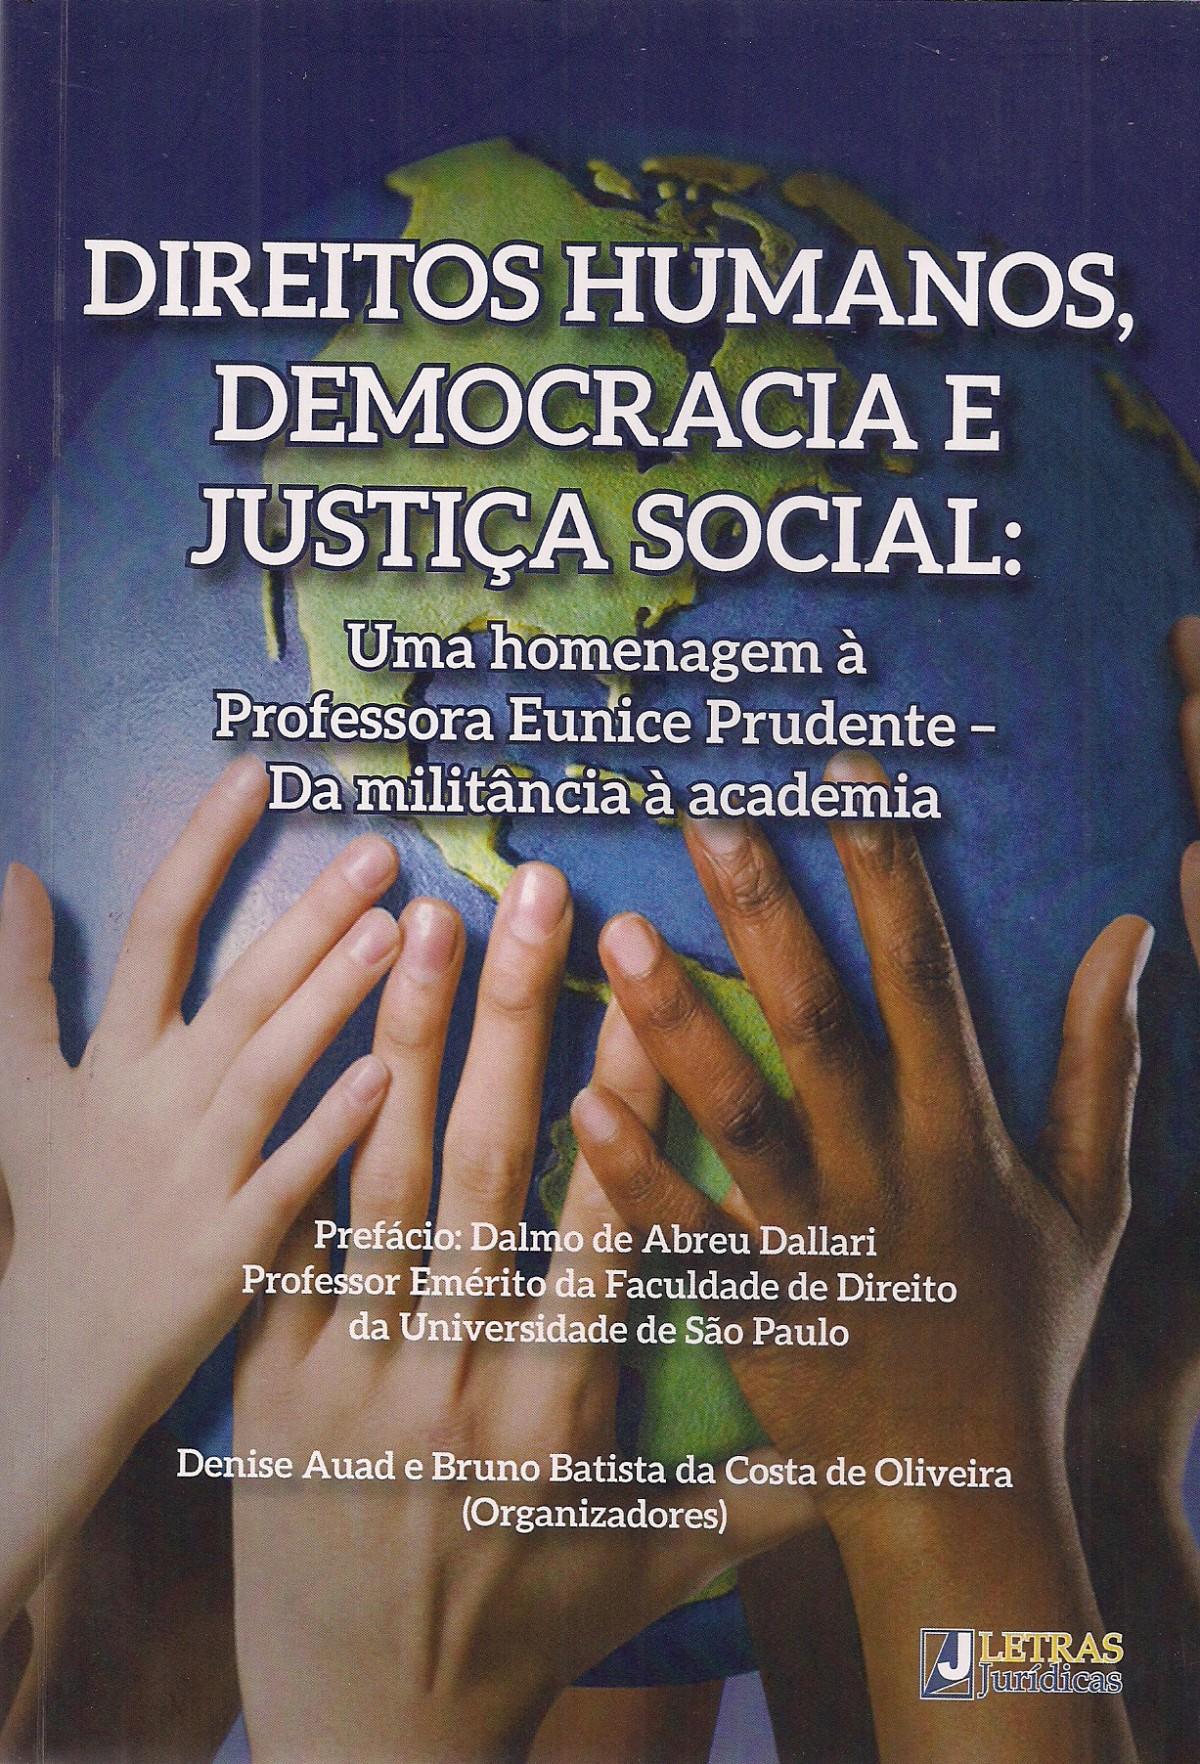 Foto 1 - Direitos Humanos, Democracia e Justiça Social